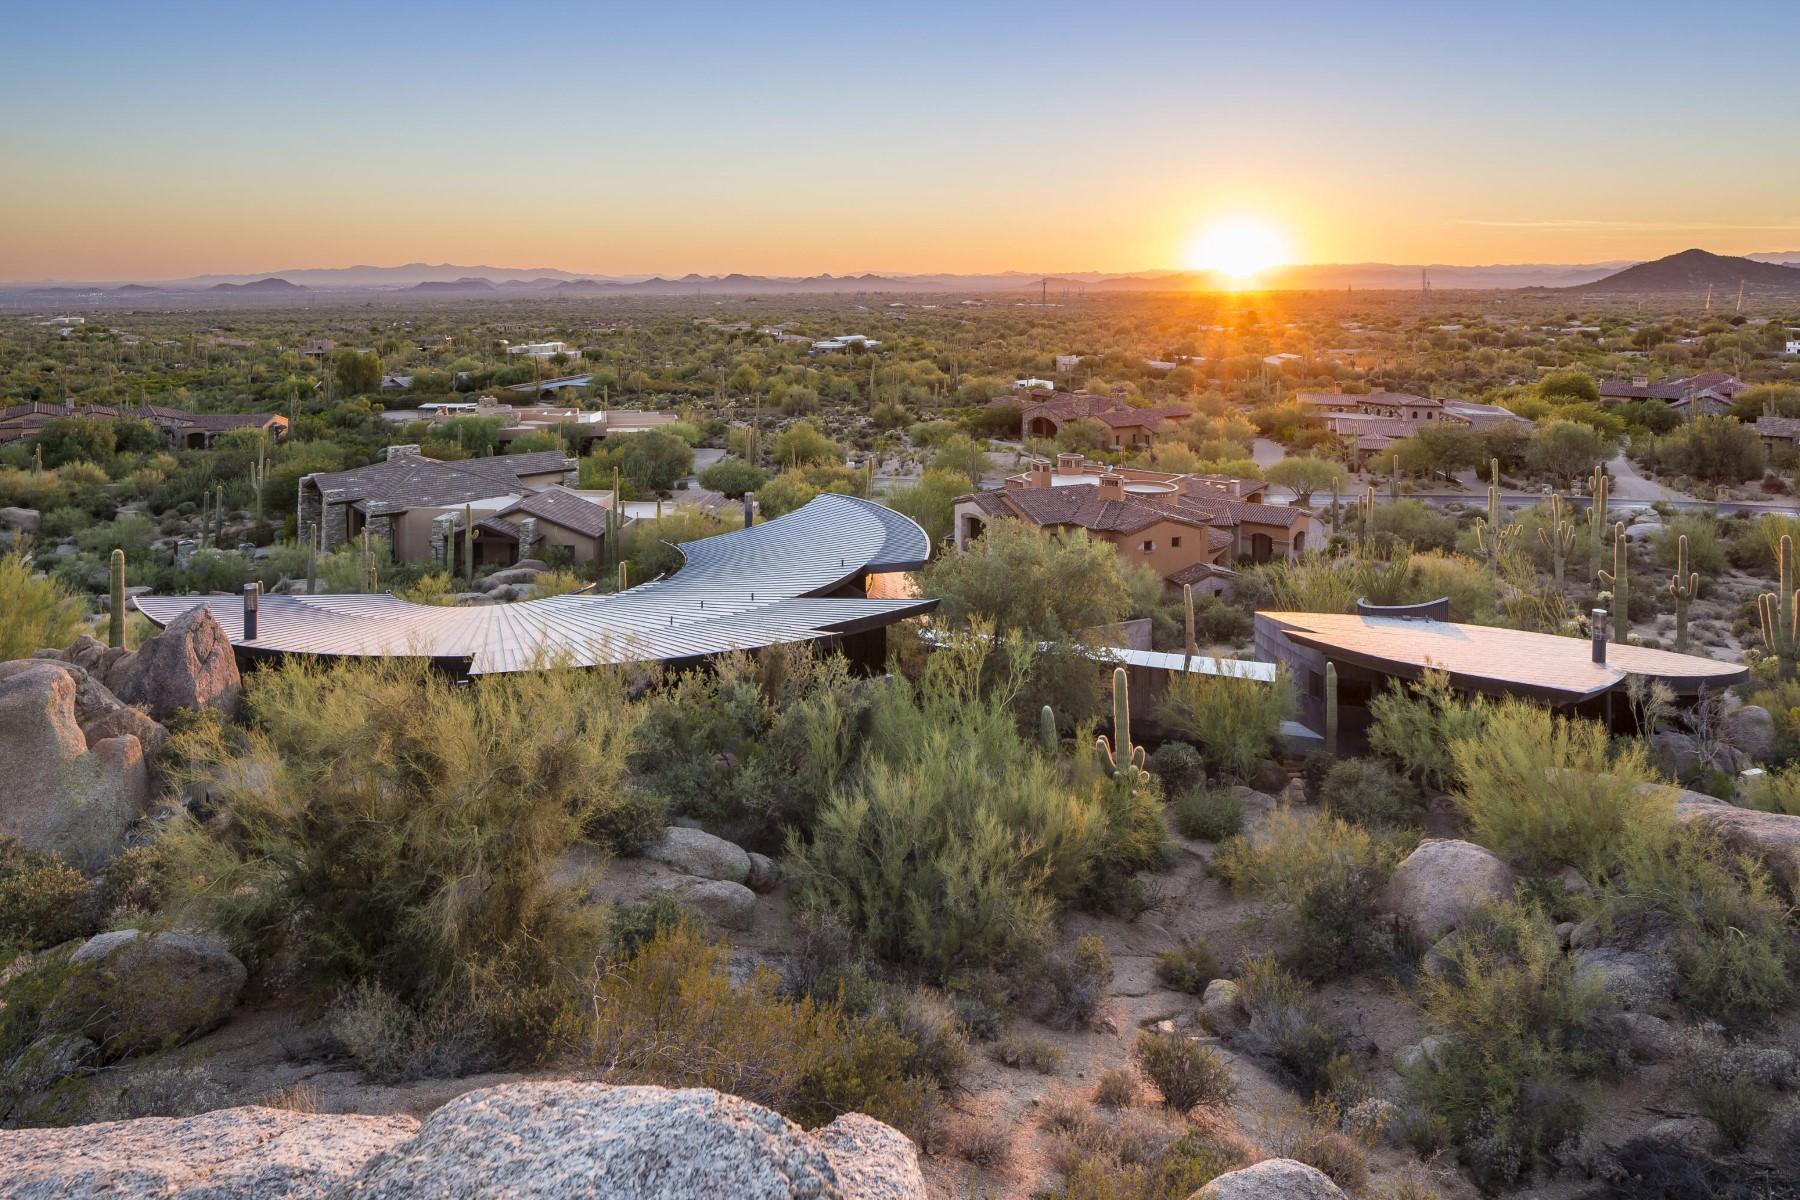 Einfamilienhaus für Verkauf beim Ground-breaking architecture designed by Eddie Jones. 28023 N 96TH PL Scottsdale, Arizona, 85262 Vereinigte Staaten